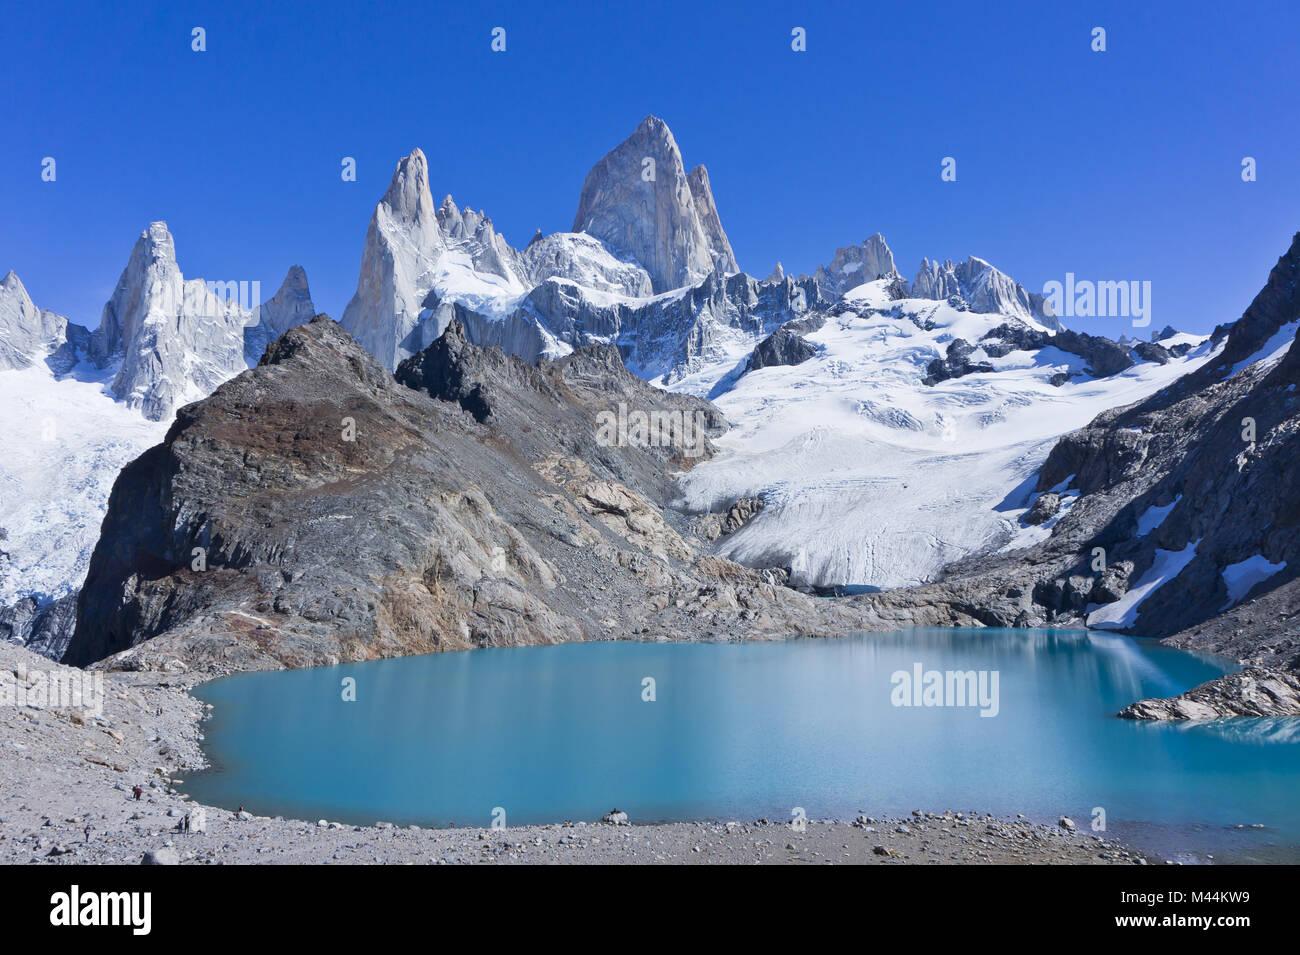 La Patagonia, el Cerro Fitz Roy. Vista desde el lago Imagen De Stock